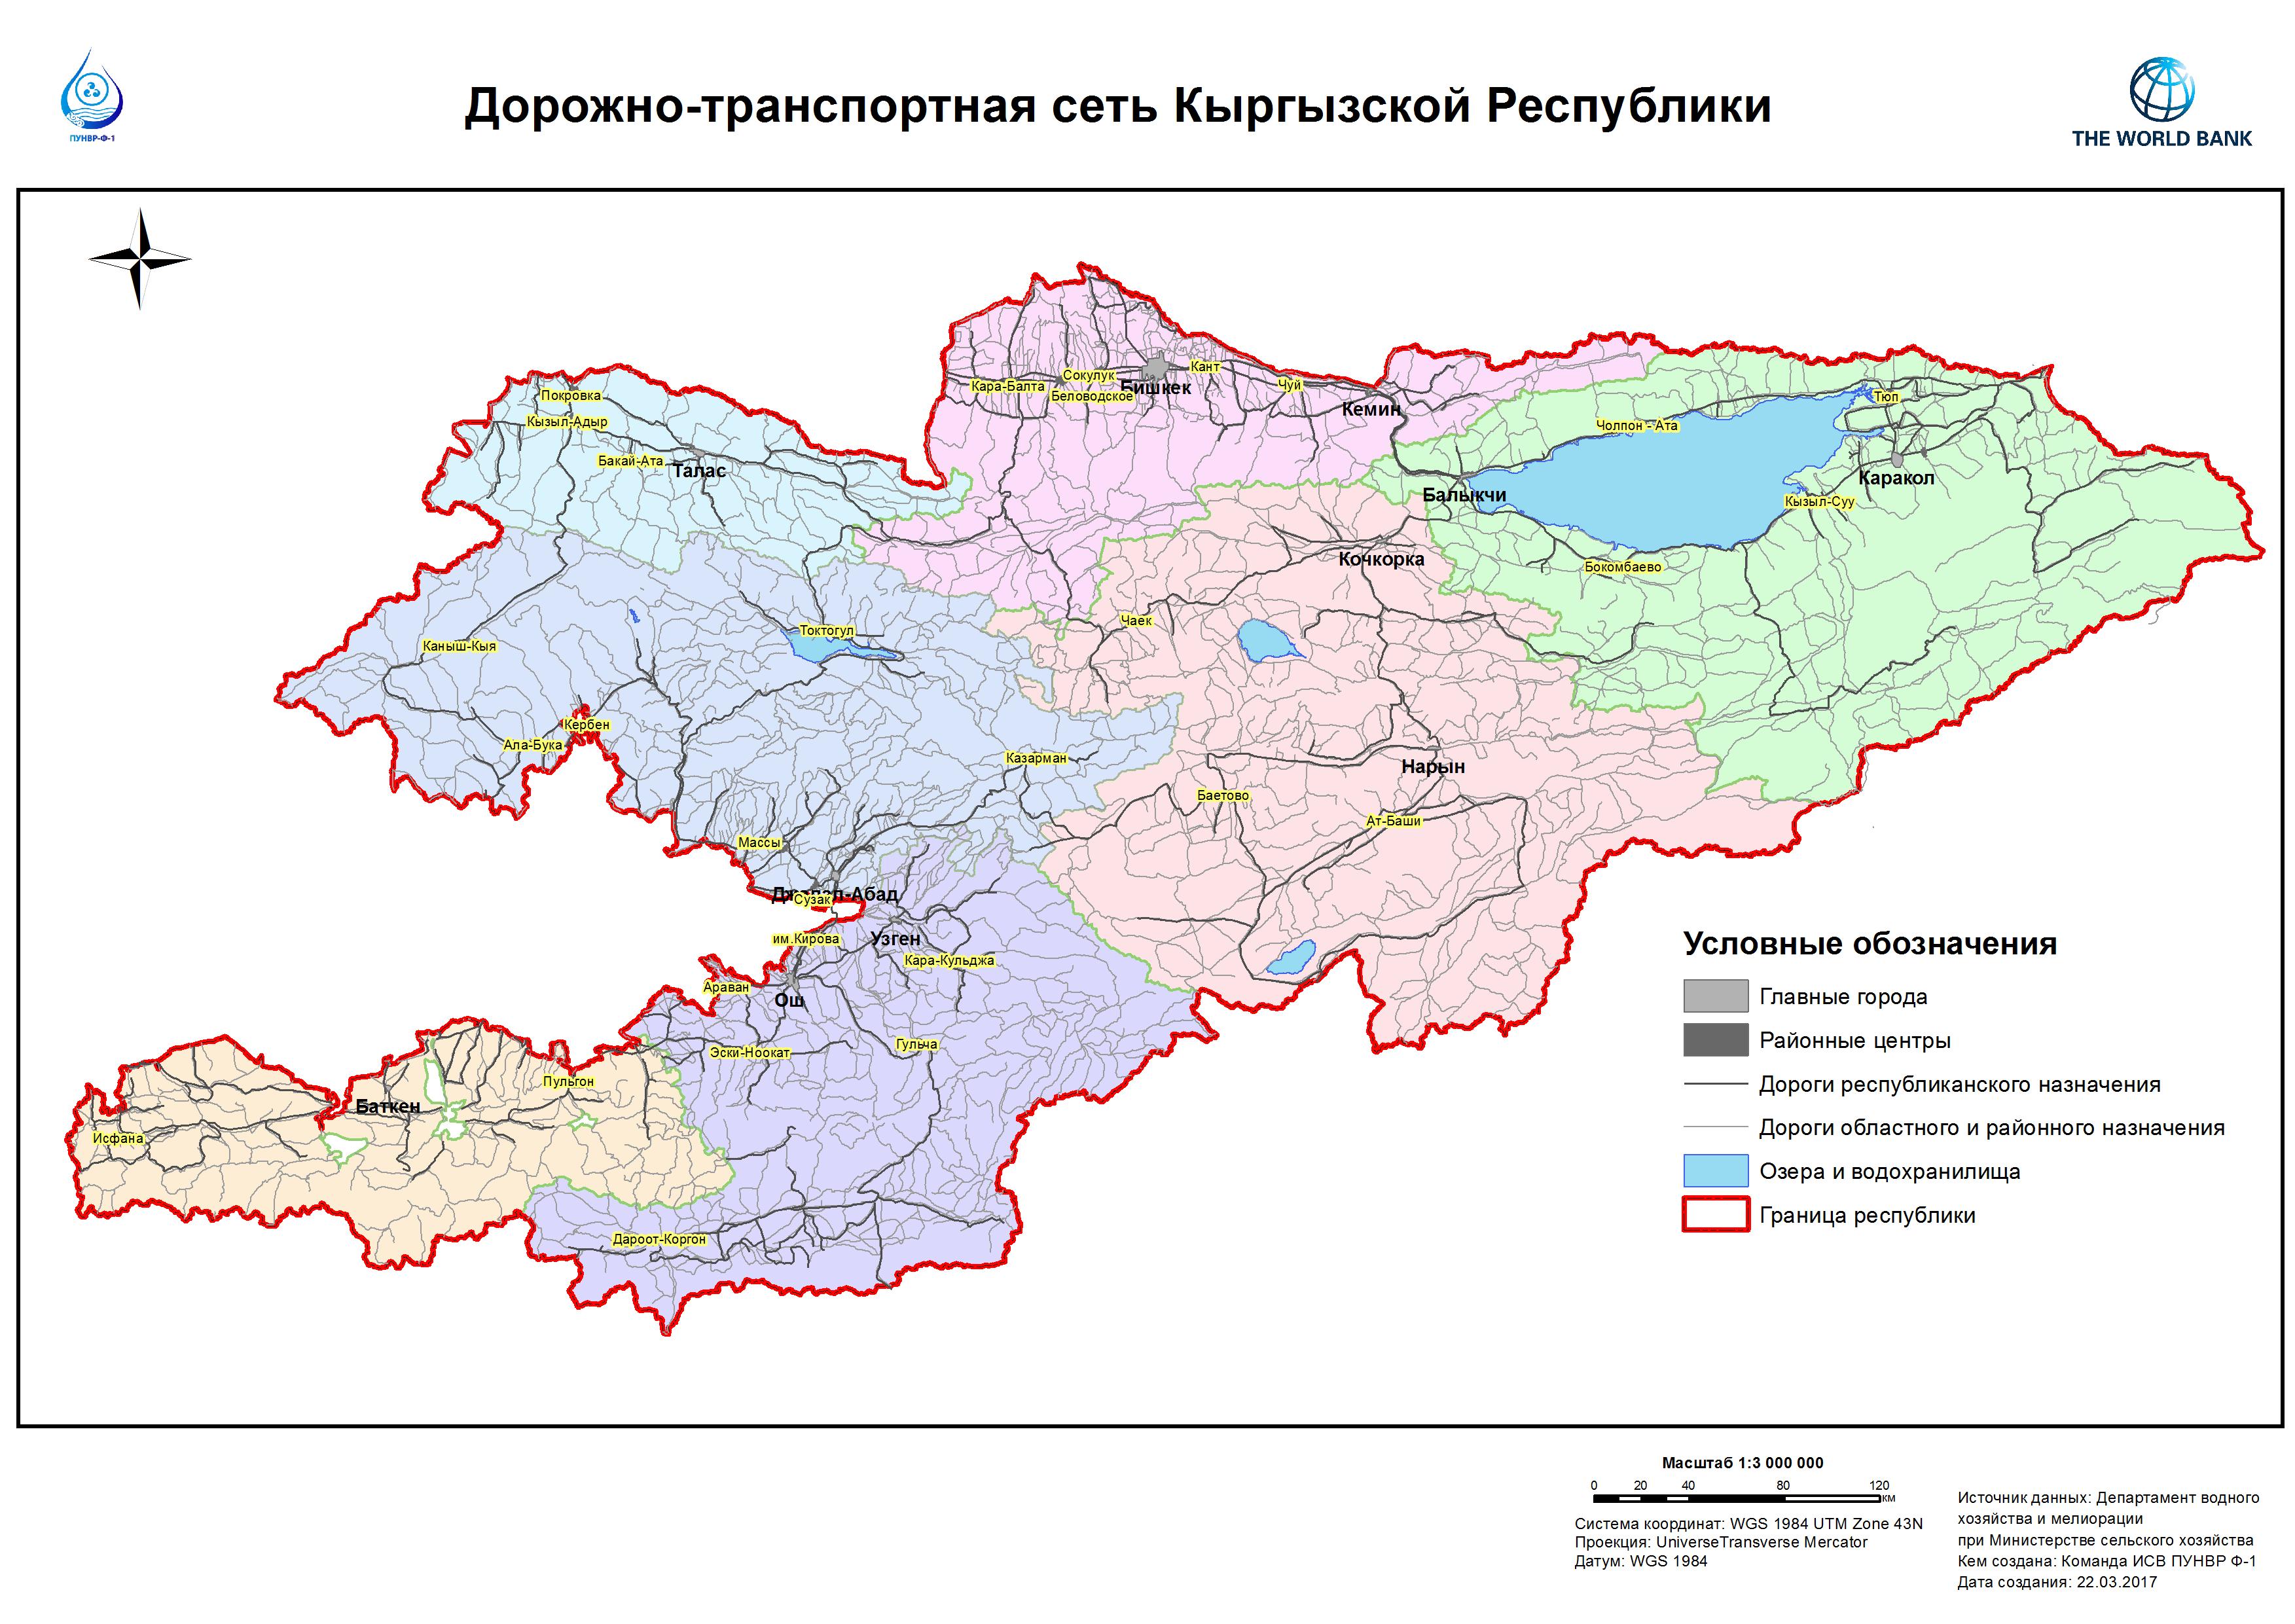 Дорожная-транспортная сеть Кыргызской Республики